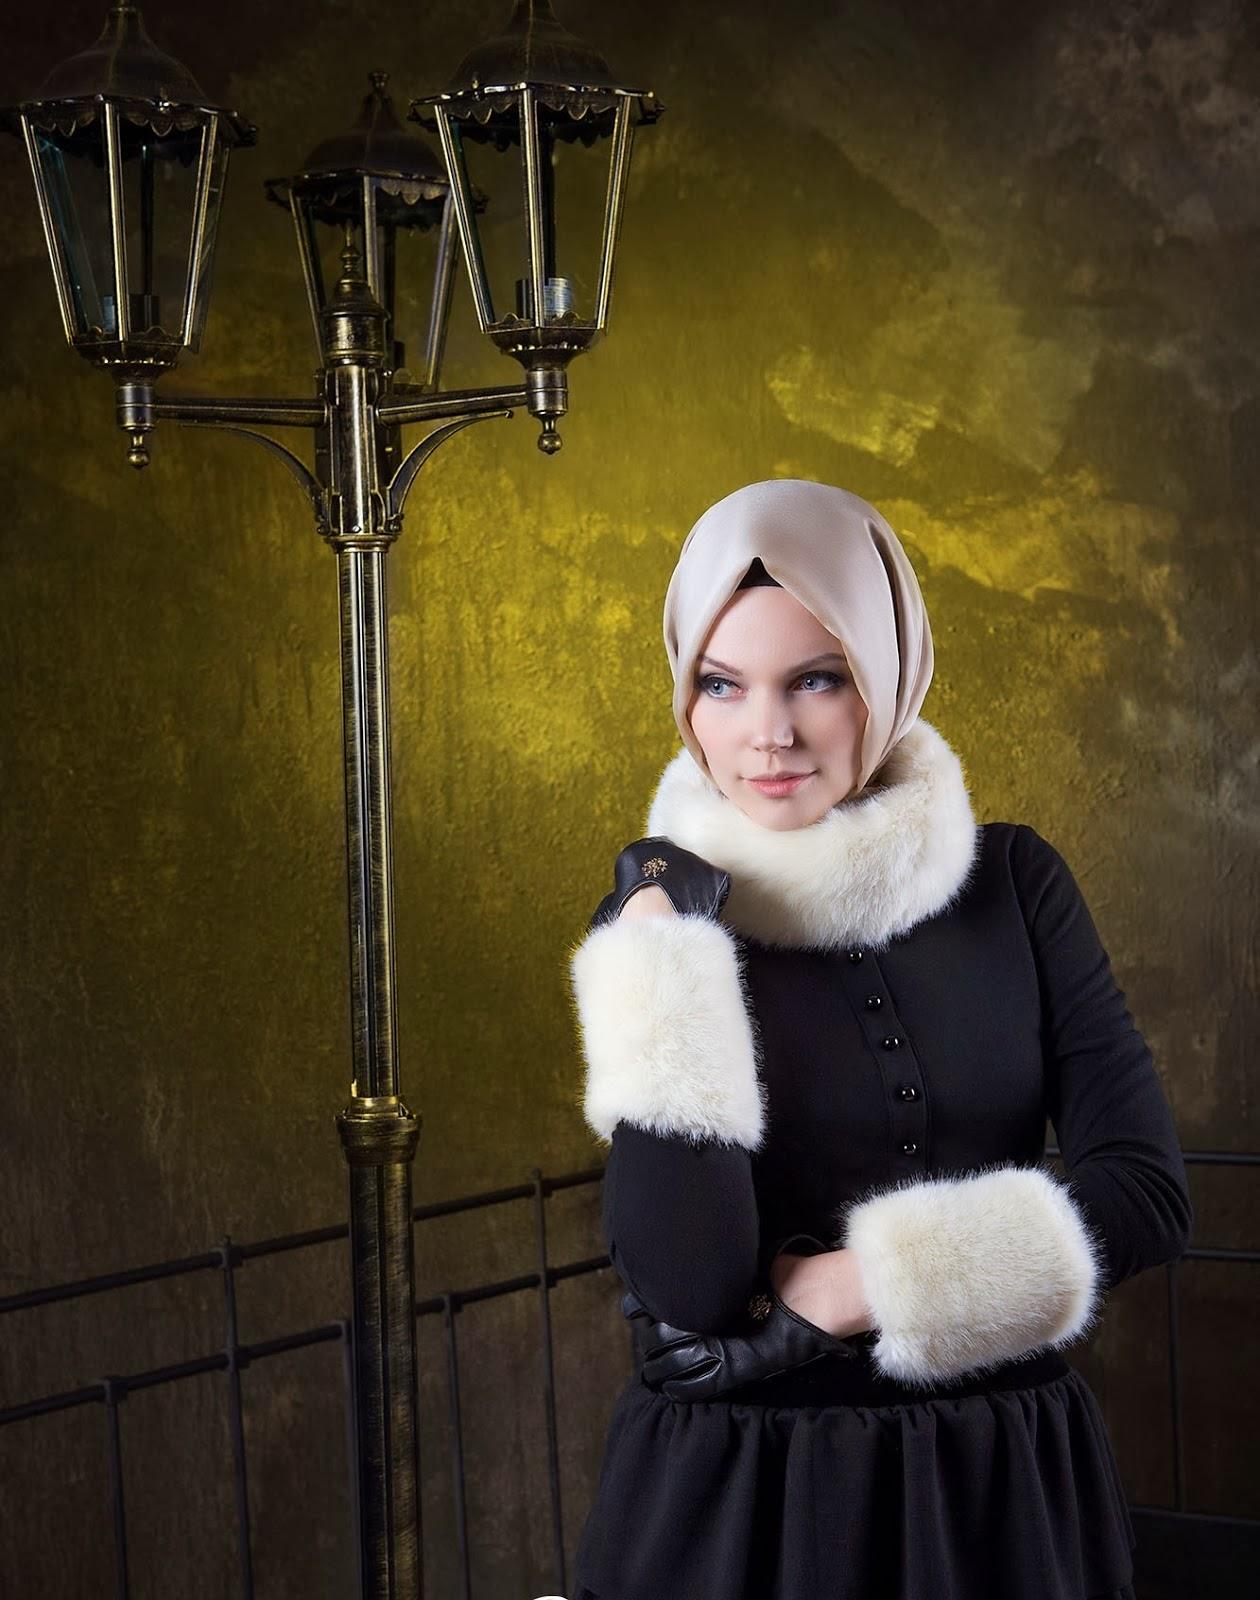 Muslima Tesett%C3%BCr+Giyim 2013 2014+Sonbahar Kis+Koleksiyonu 10 ucuz tesettür abiye modelleri,uzun abiye modelleri ve fiyatları,kapalı abiye modelleri genç,abiye modelleri ve fiyatları 2014,abiye elbiseler,abiye elbise modelleri ve fiyatları,genç kız abiye modelleri ve fiyatları,2015 abiye